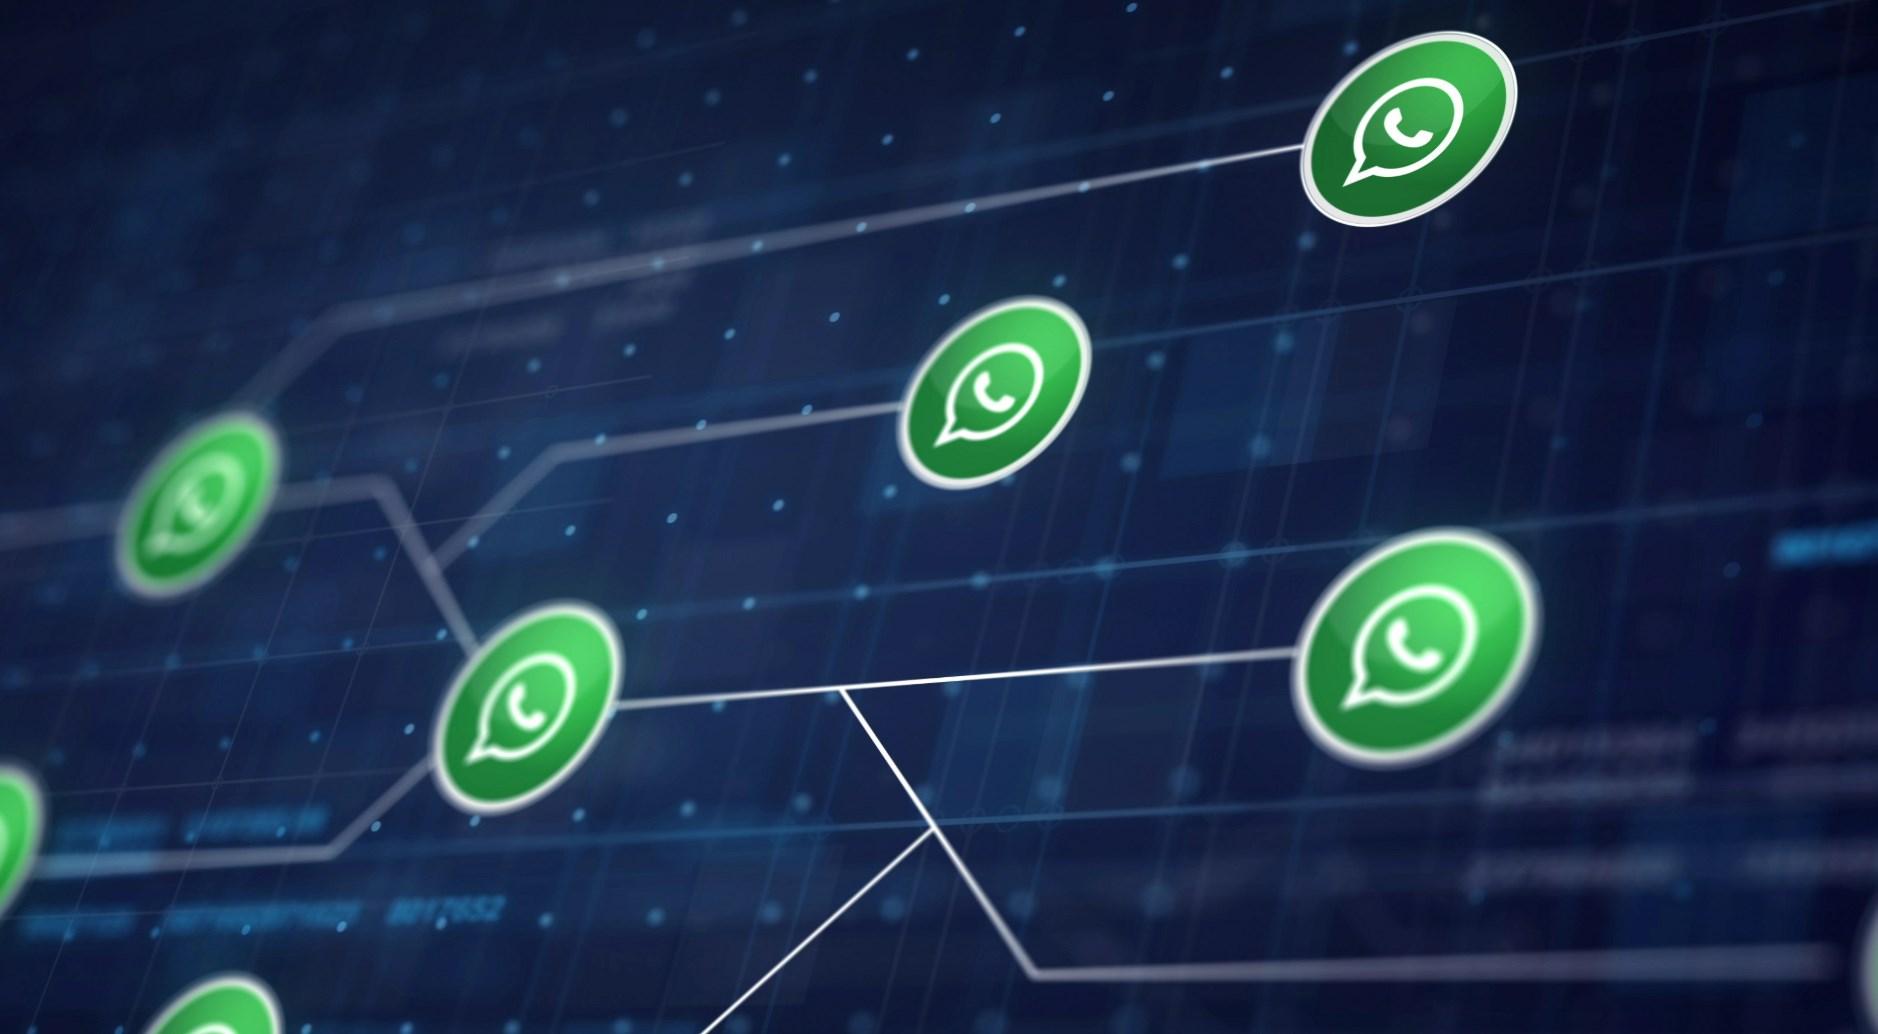 Europa: plano de celular com 'WhatsApp grátis' é ilegal